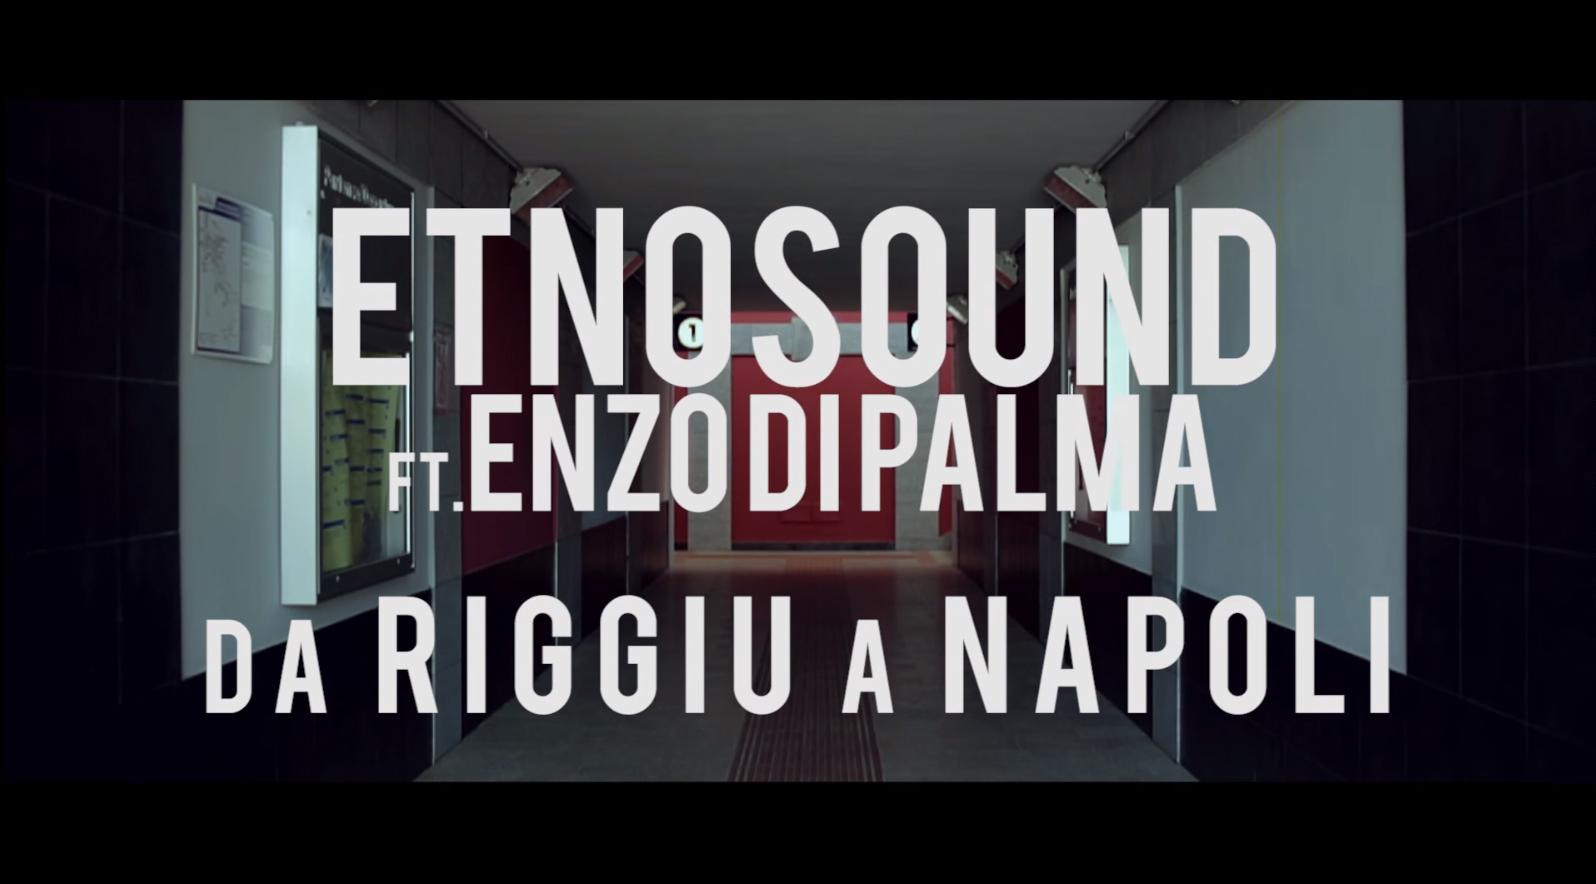 Etnosound Ft. Enzo di Palma – Da Riggiu a Napoli